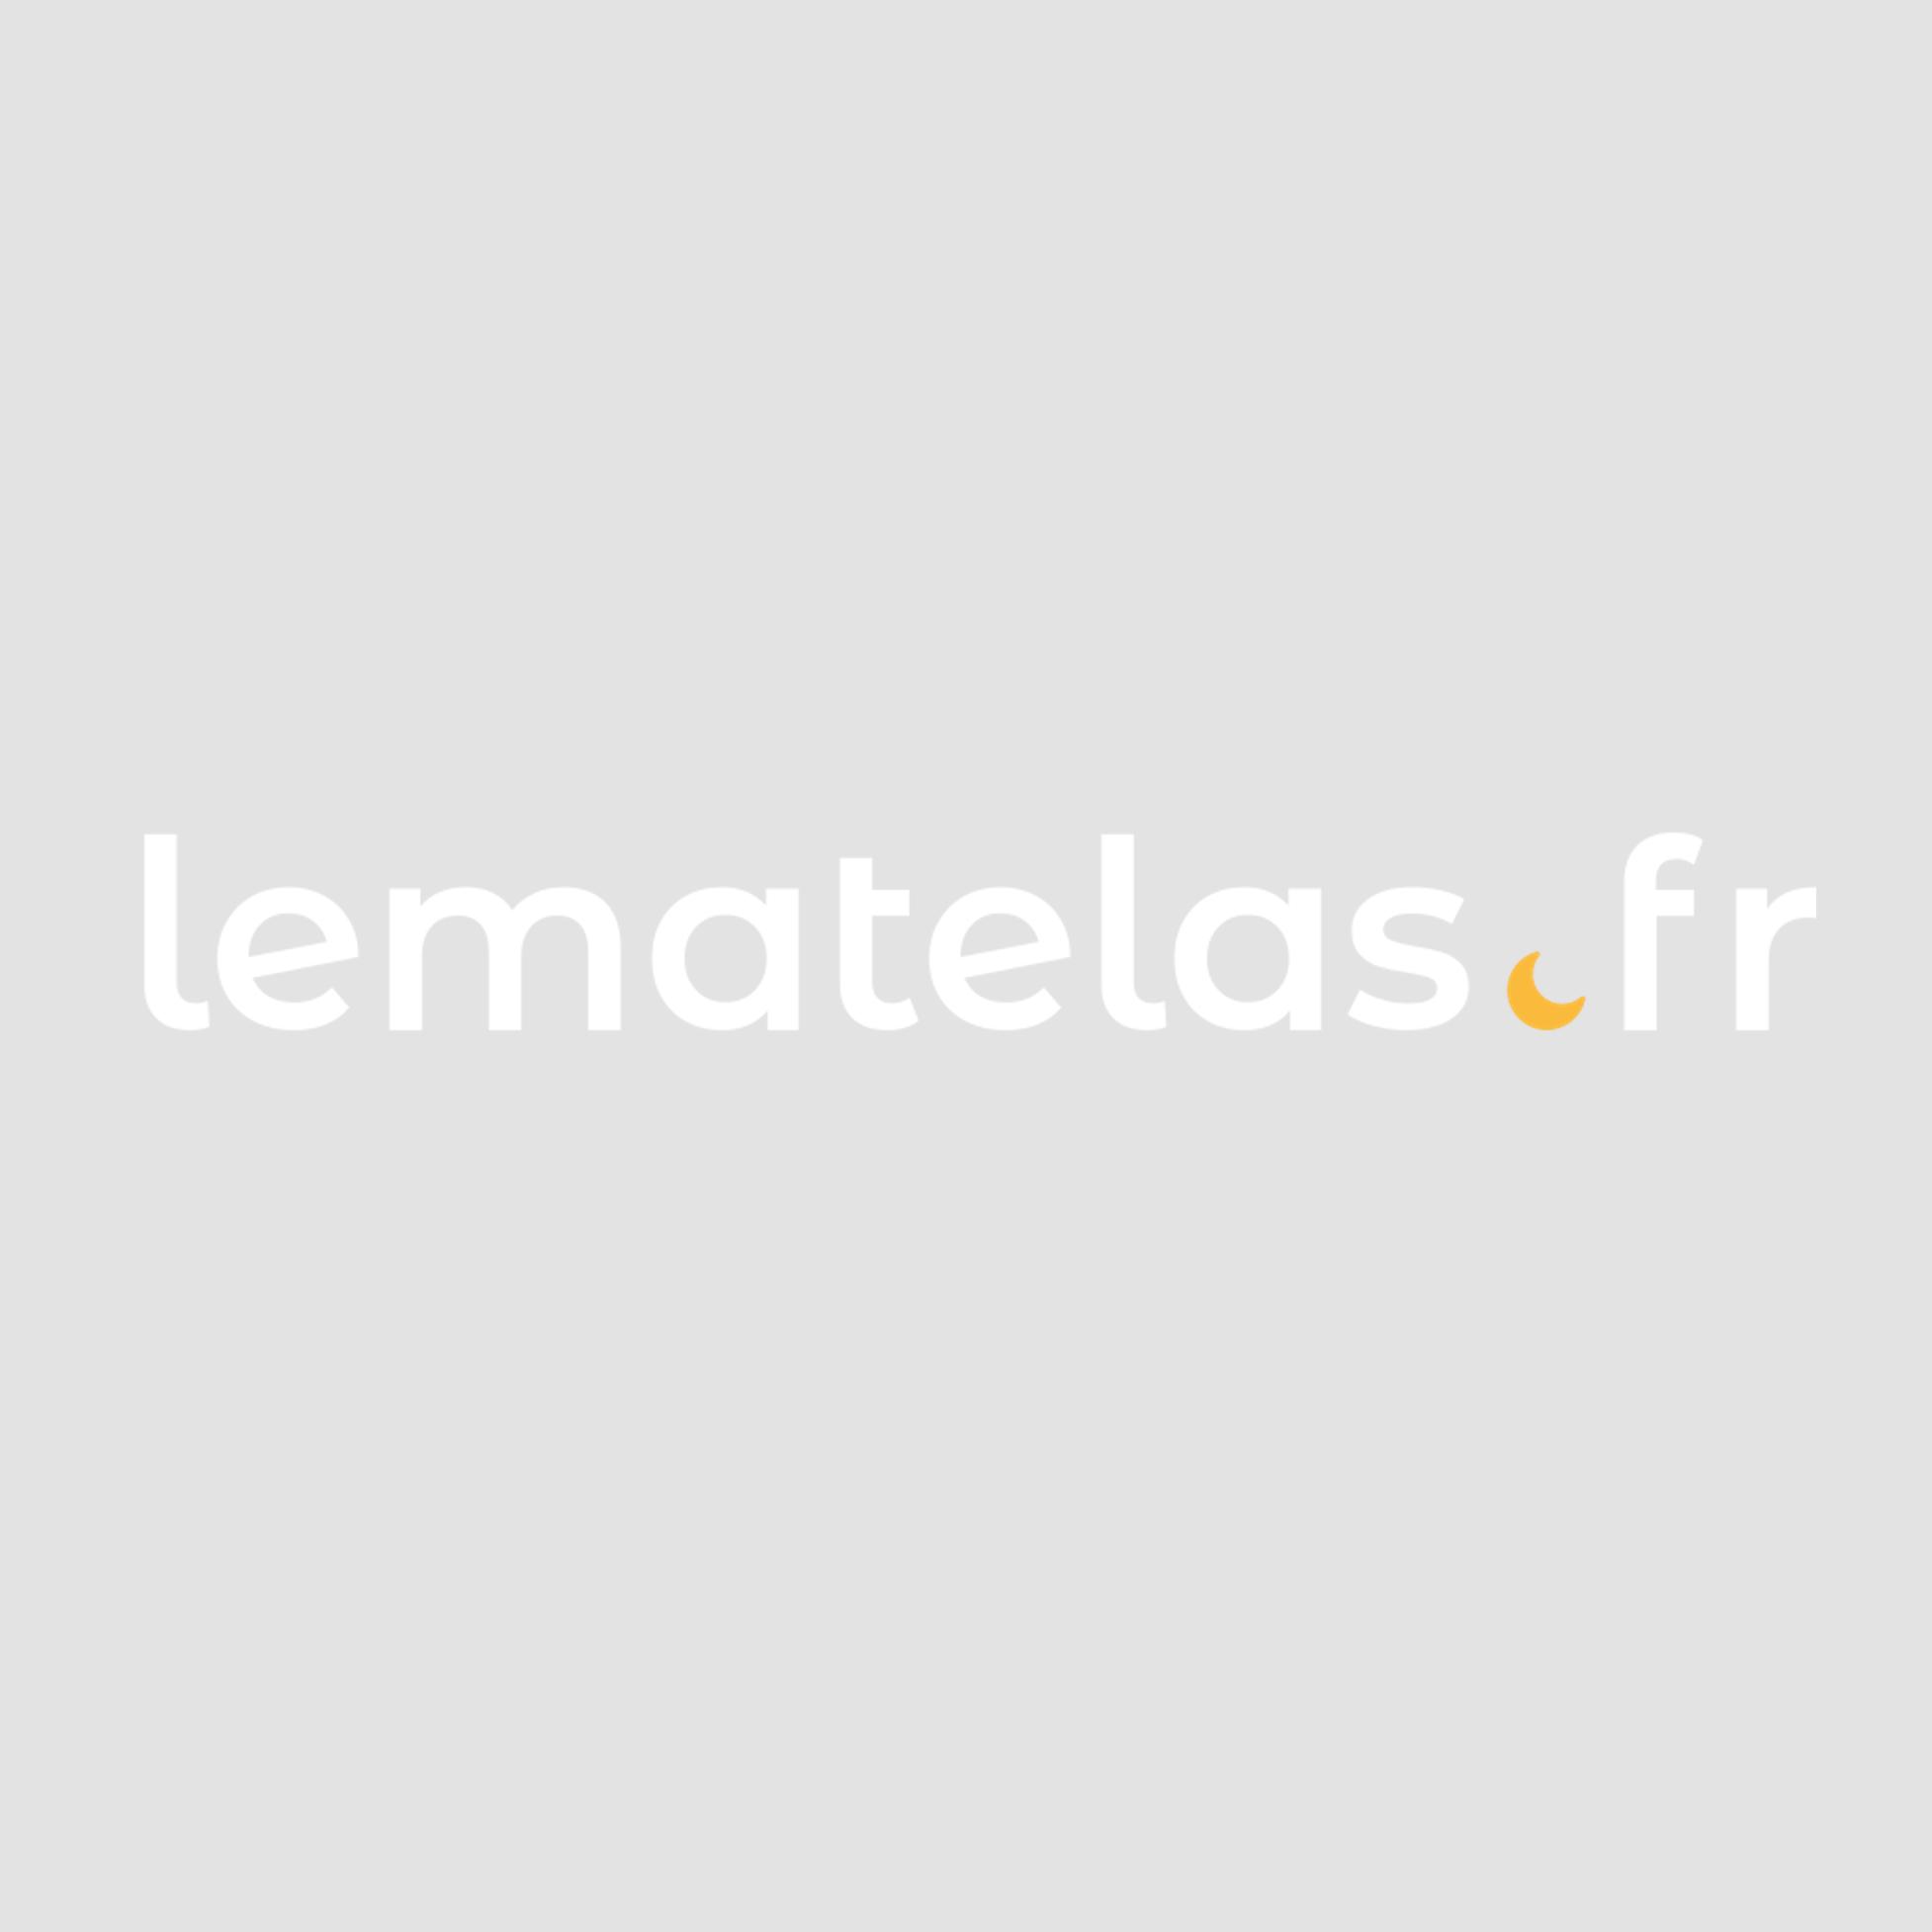 Lot de 2 protèges oreillers bouclette coton imperméables absorbants respirants et silencieux